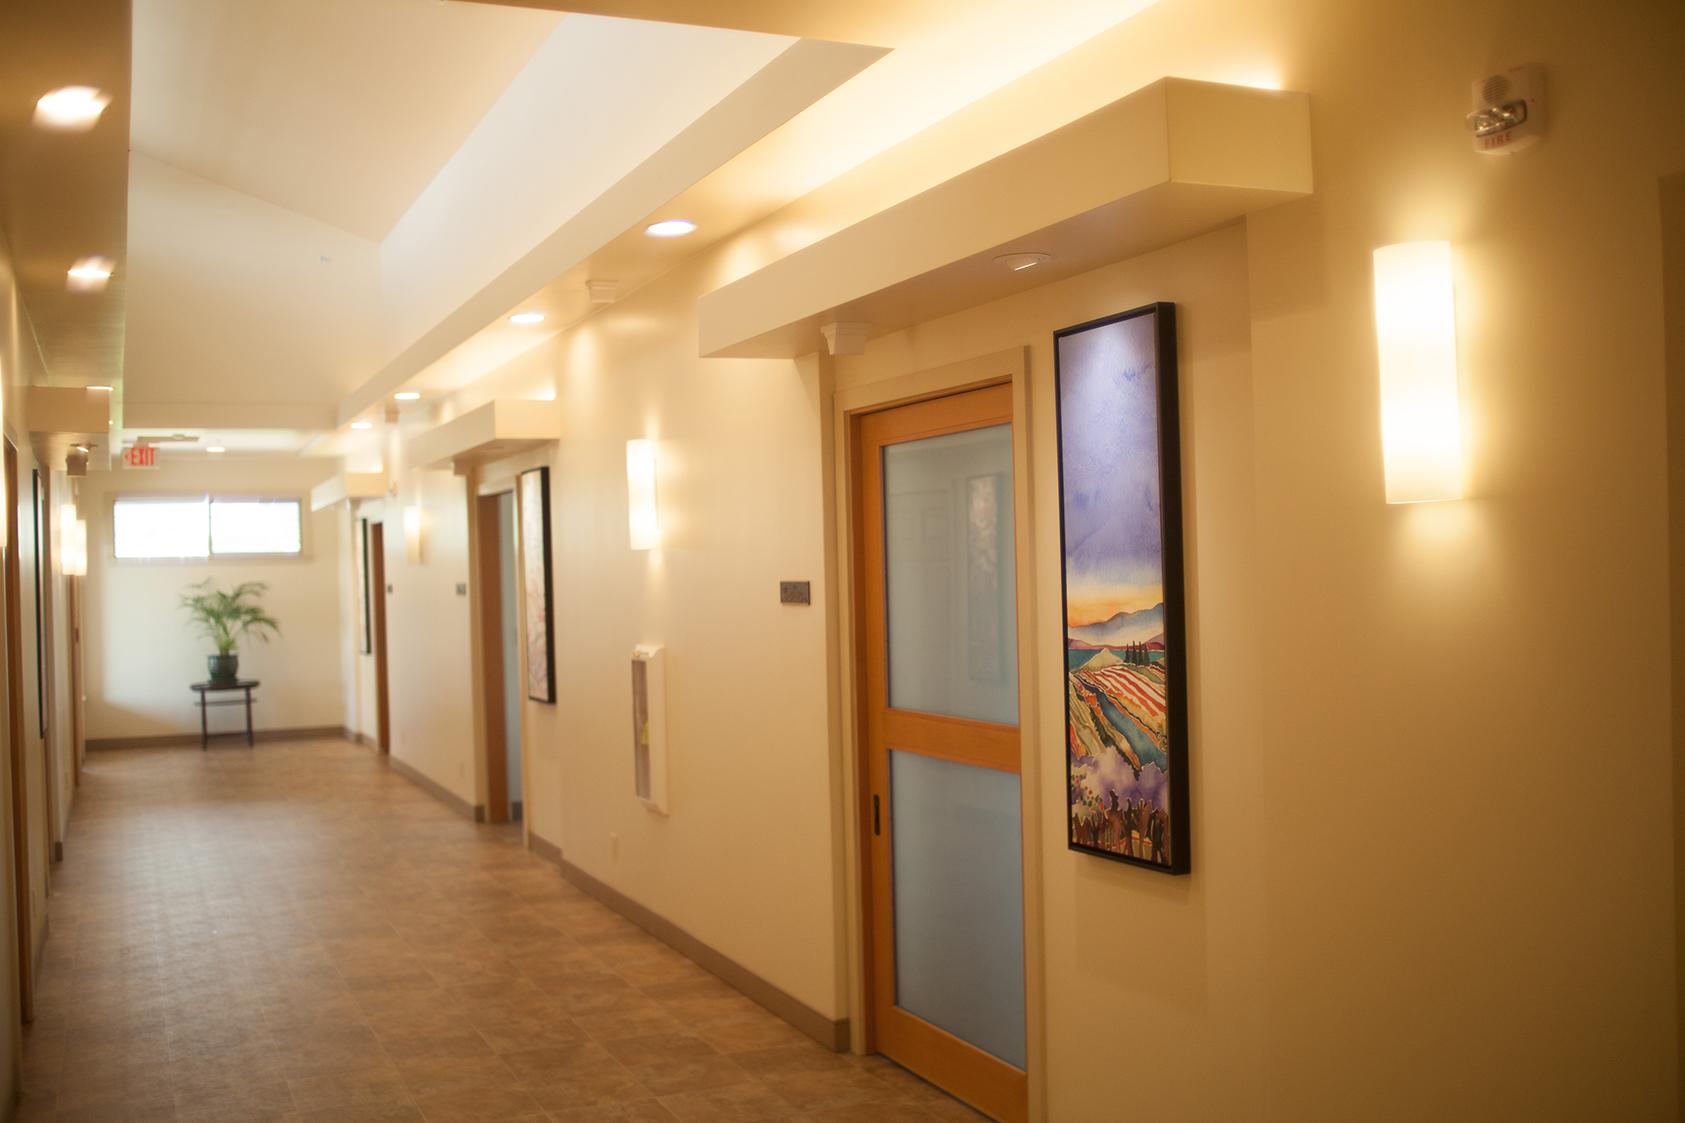 Hallway to Patient Rooms